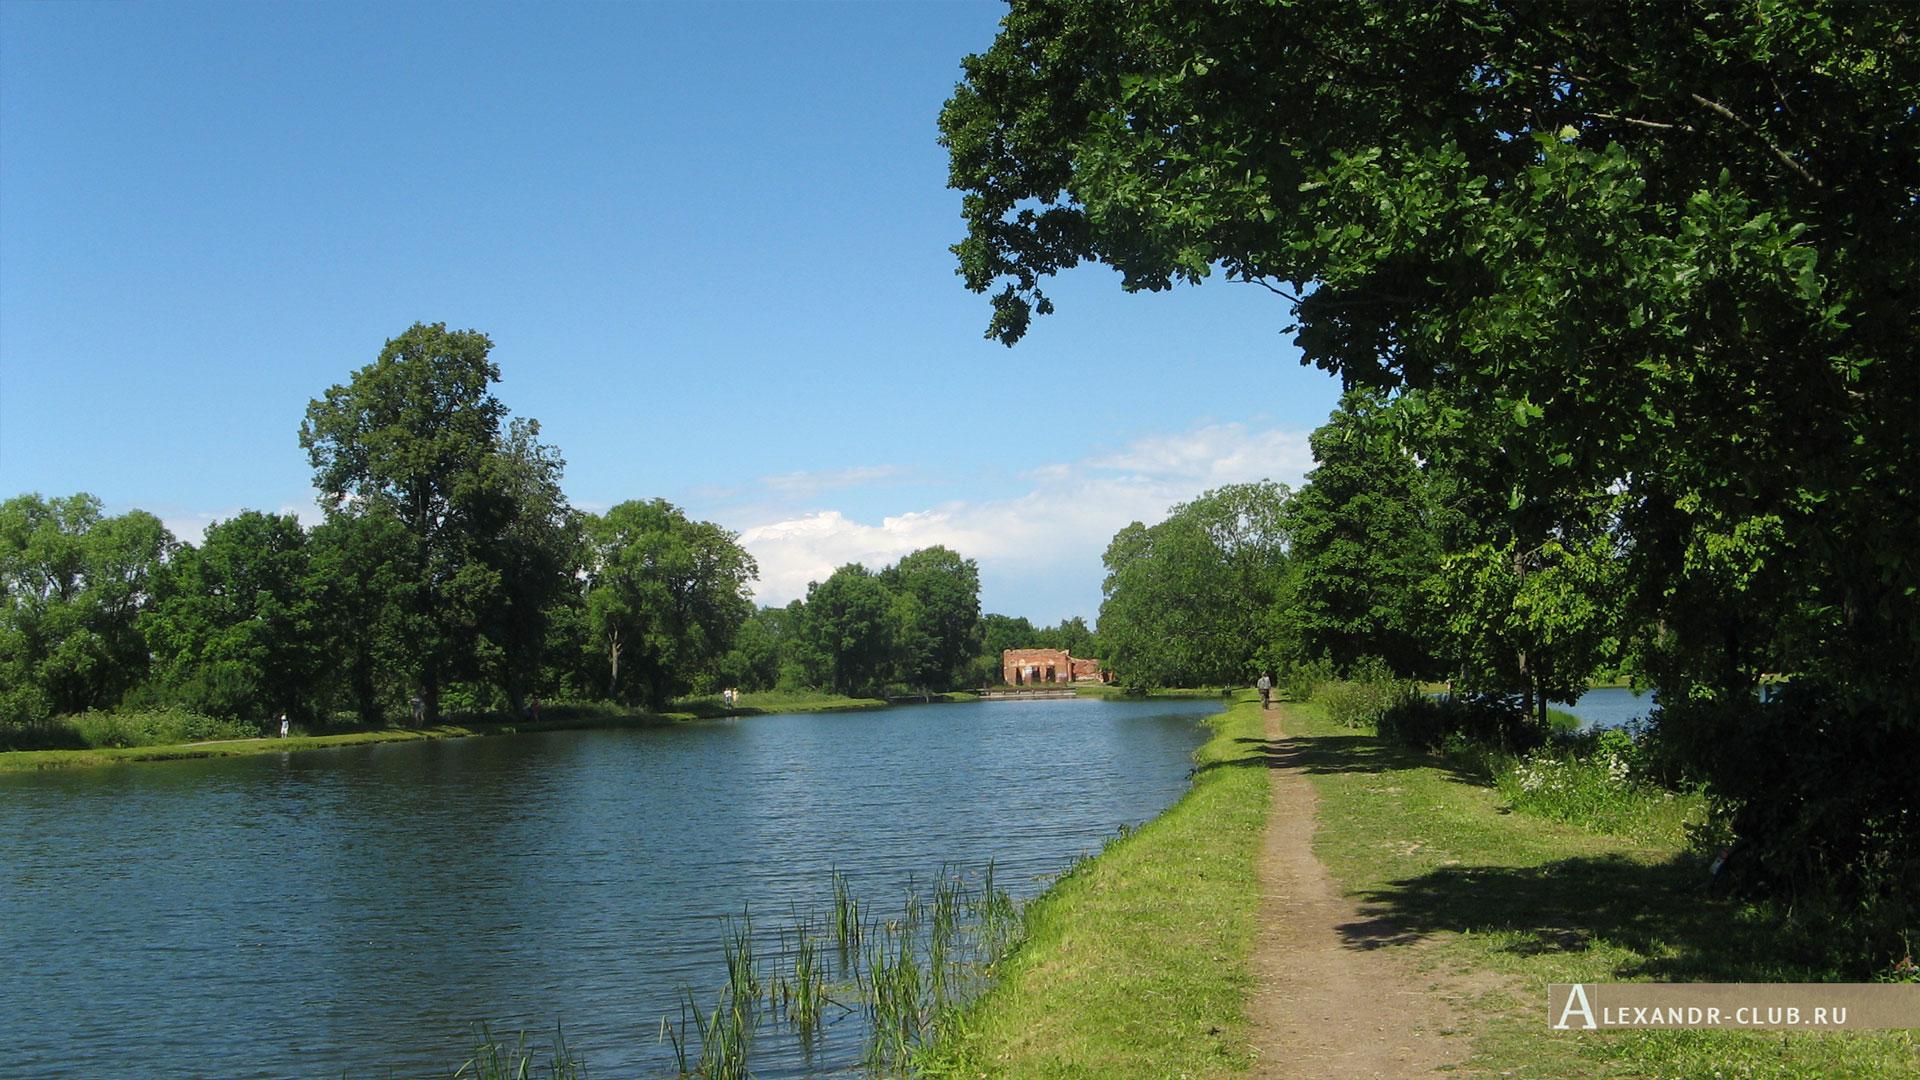 Петергоф, Луговой парк, лето, Старопетергофский канал и Розовый павильон